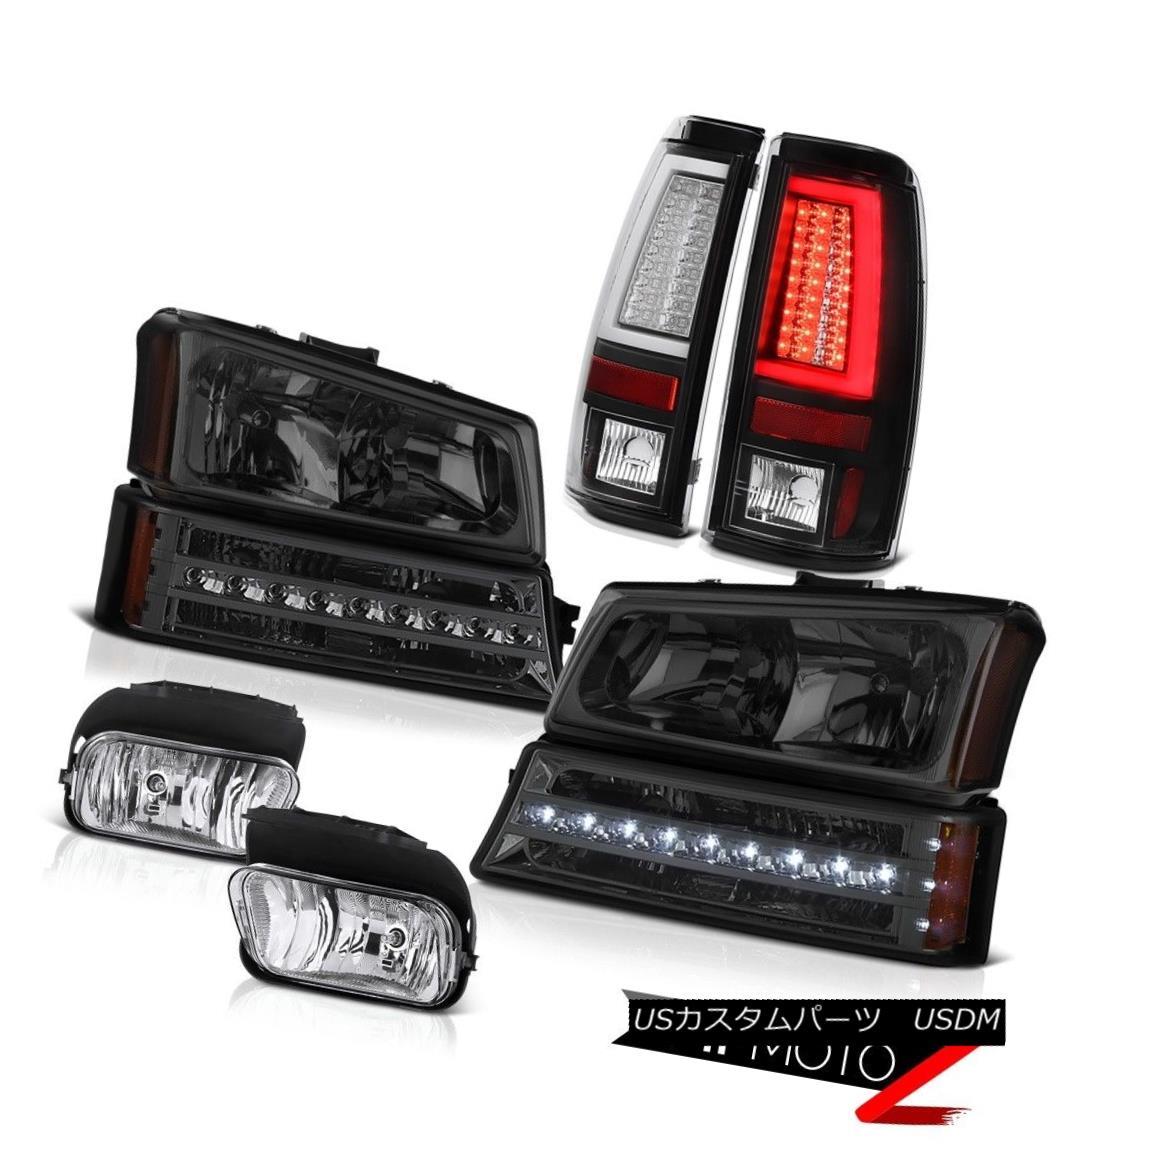 テールライト 2003-2006 Silverado Tail Brake Lamps Fog Headlamps Parking Light OLED Neon Tube 2003-2006シルバラードテールブレーキランプフォグヘッドランプパーキングライトOLEDネオンチューブ